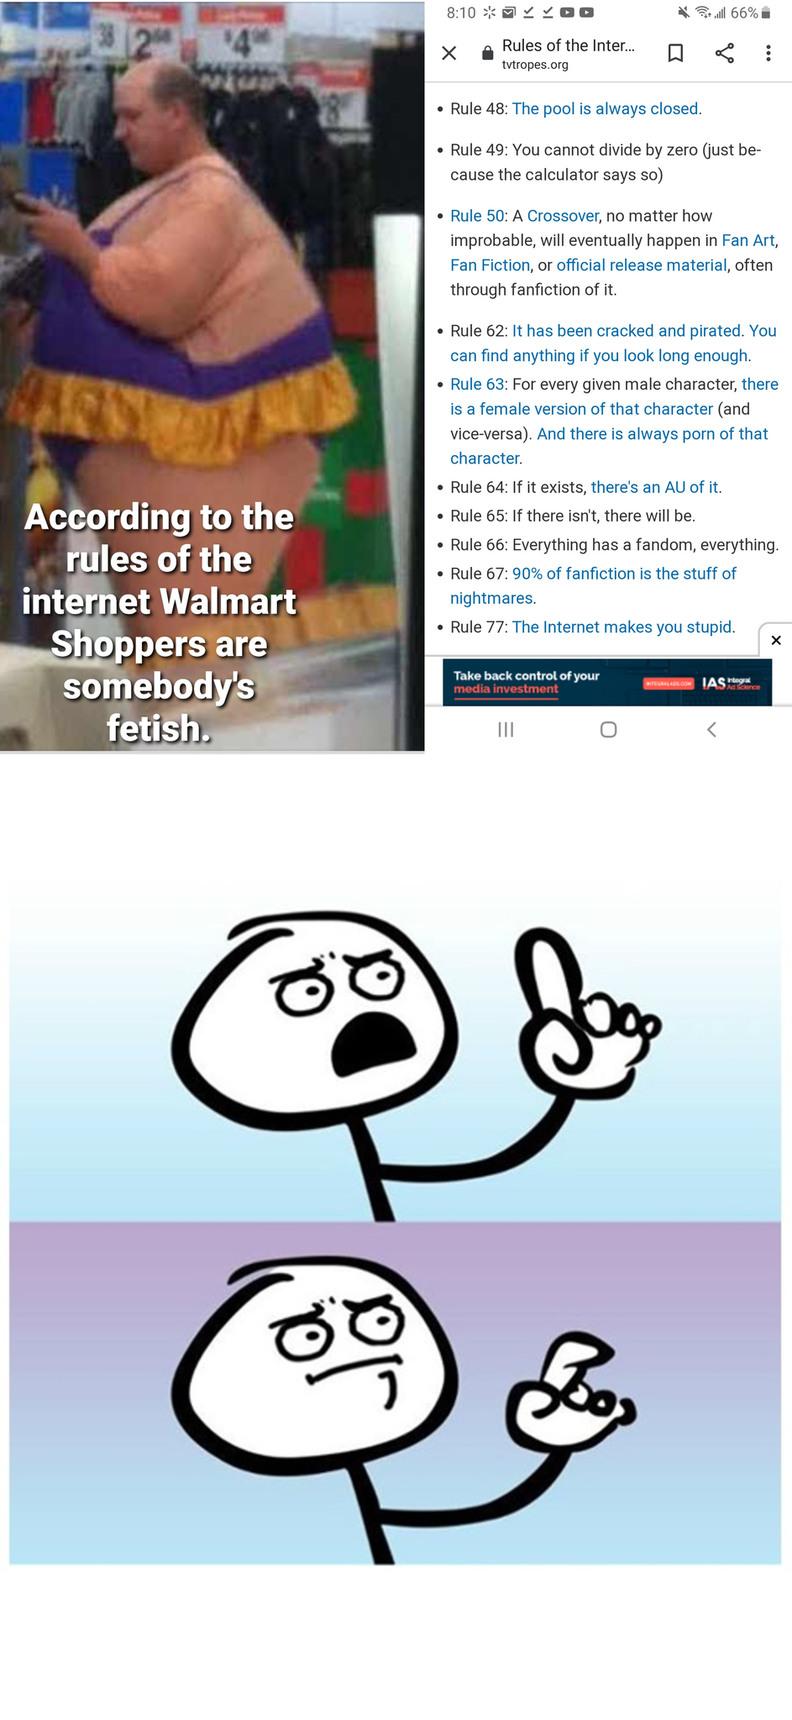 walmart shopers are somebody's fetish - meme